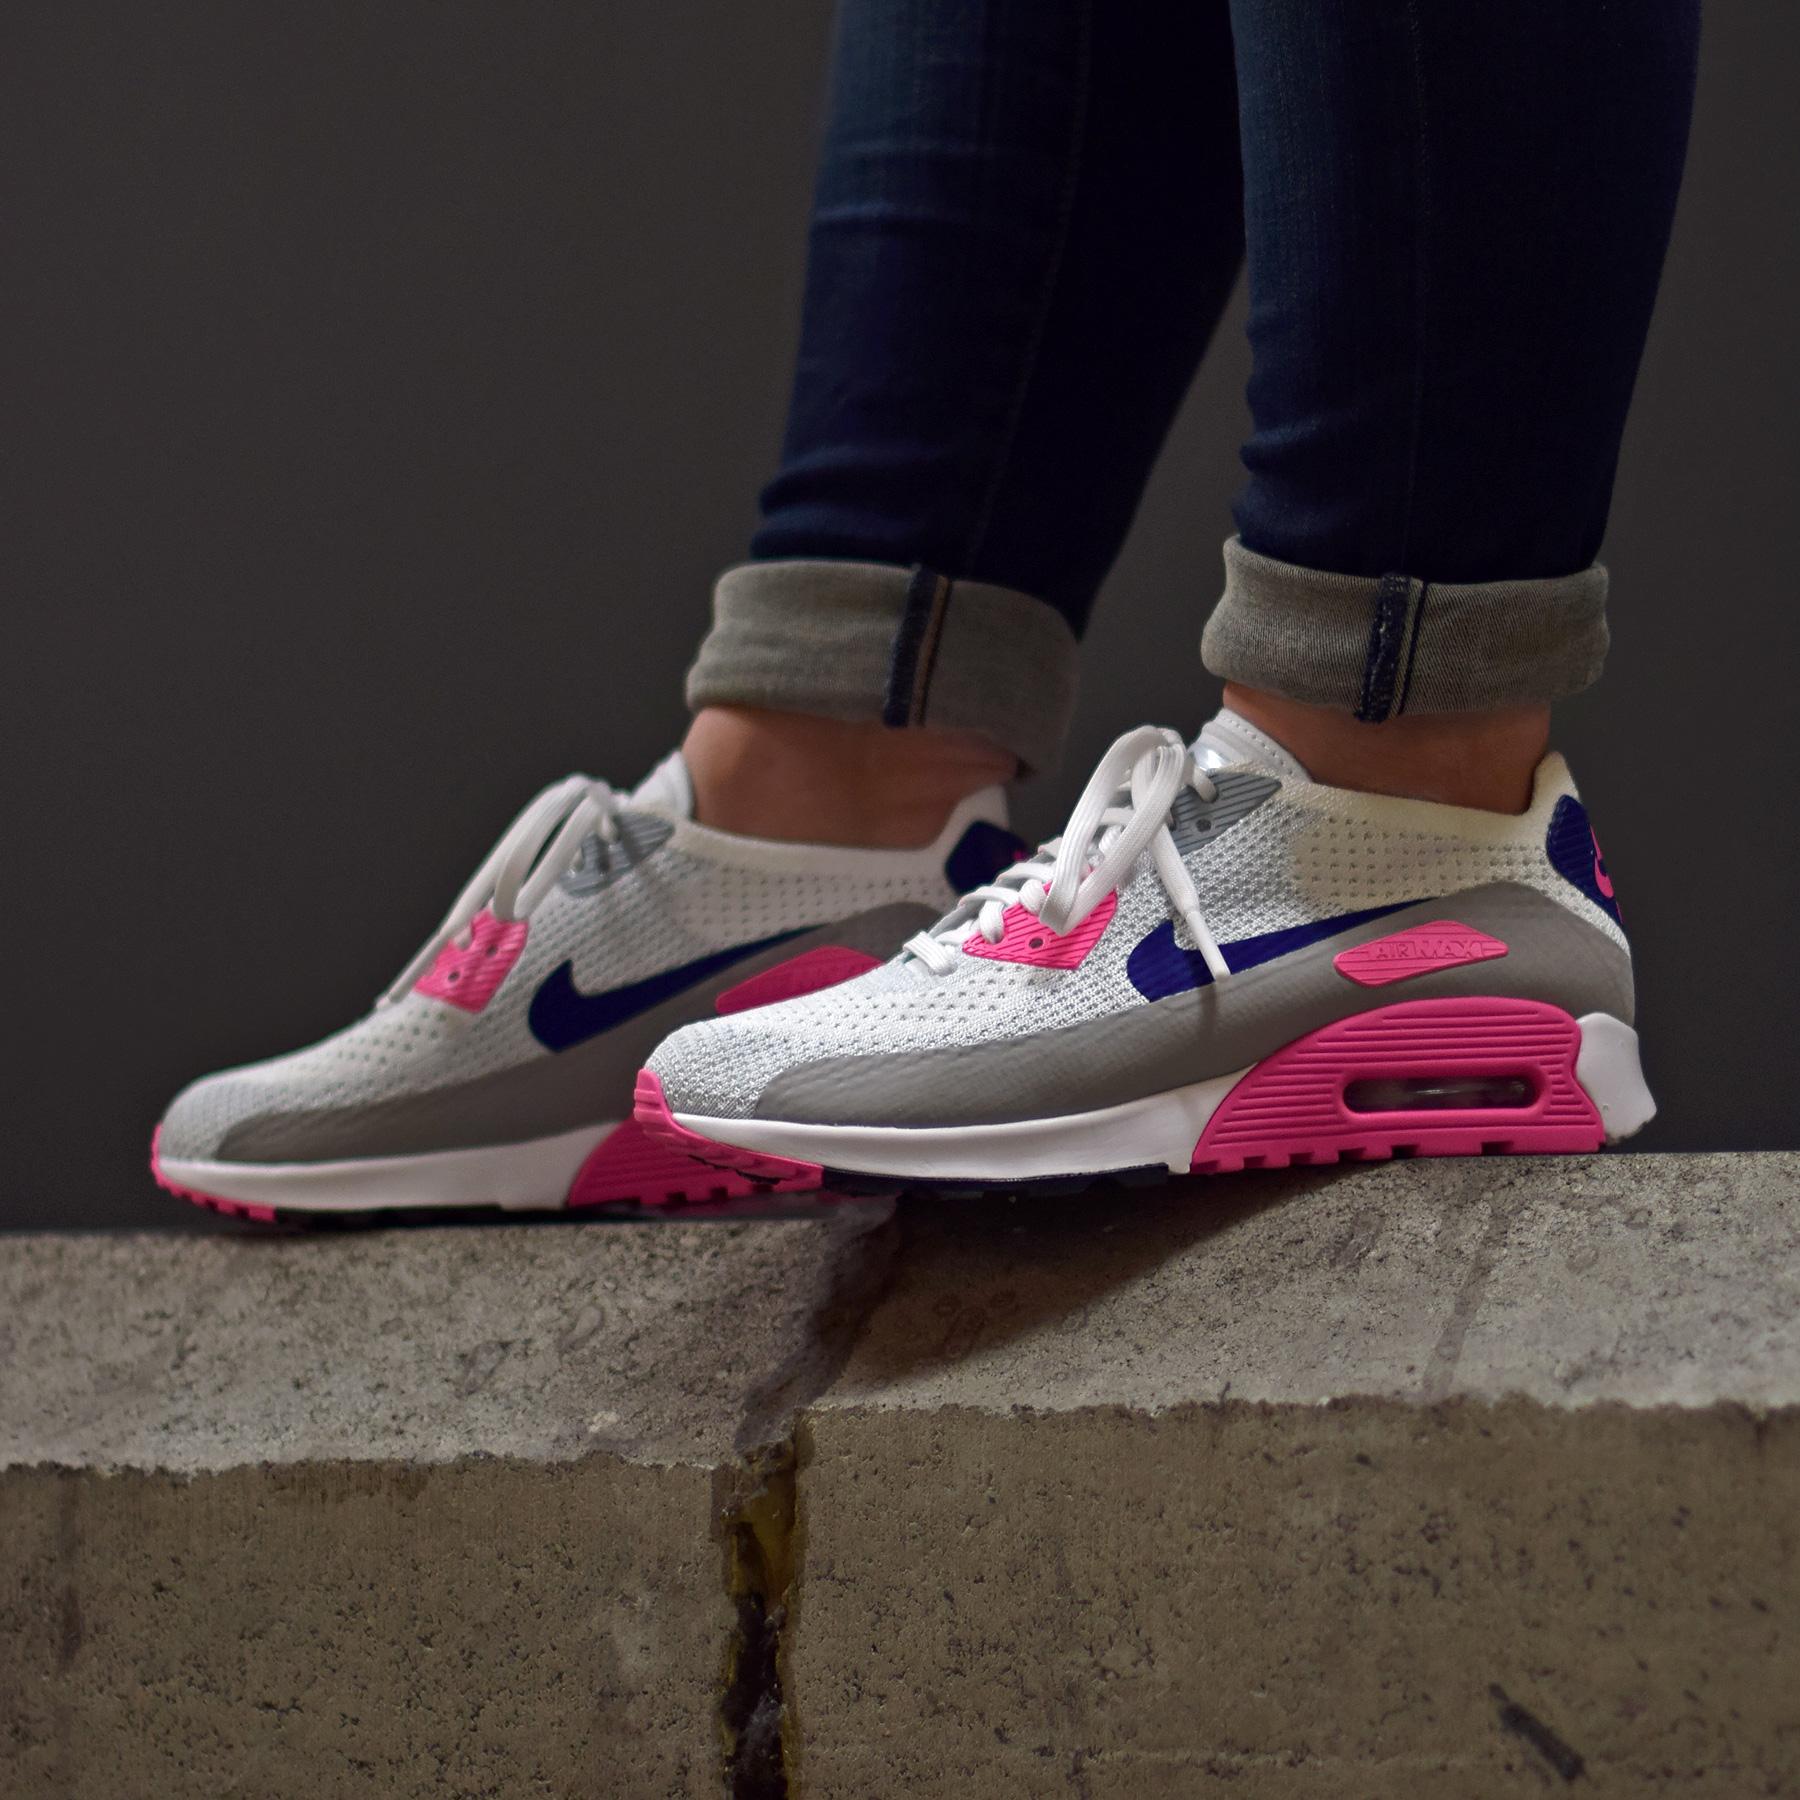 Le coloris OG appliqué sur la mouture moderne : Nike W Air Max 90 Ultra 2.0 Flyknit Concord.